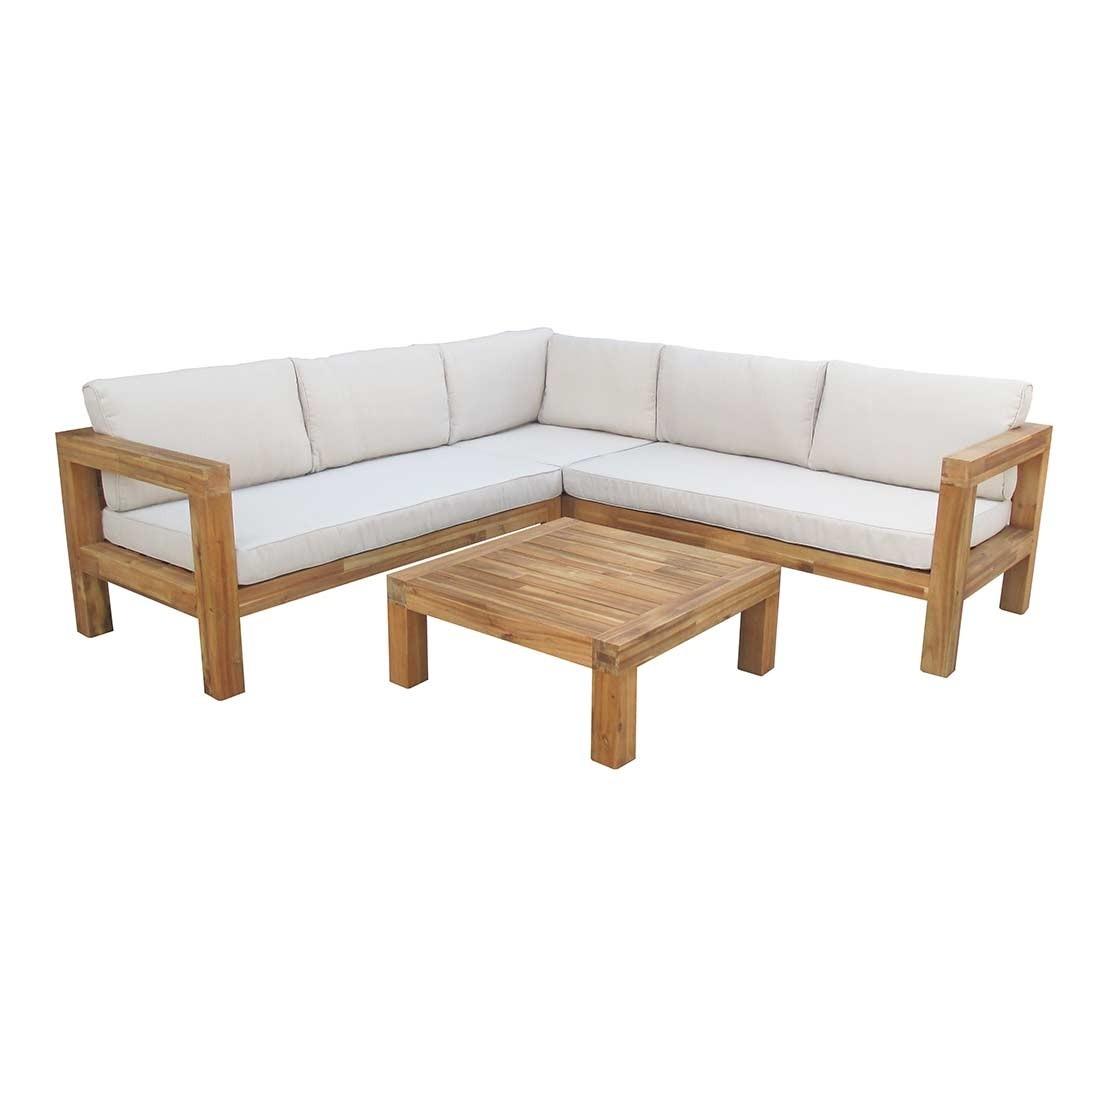 Full Size of Outliv Loungemöbel Stockton Loungeecke 4 Teilig Akazie Polster Garten Und Holz Günstig Wohnzimmer Outliv Loungemöbel